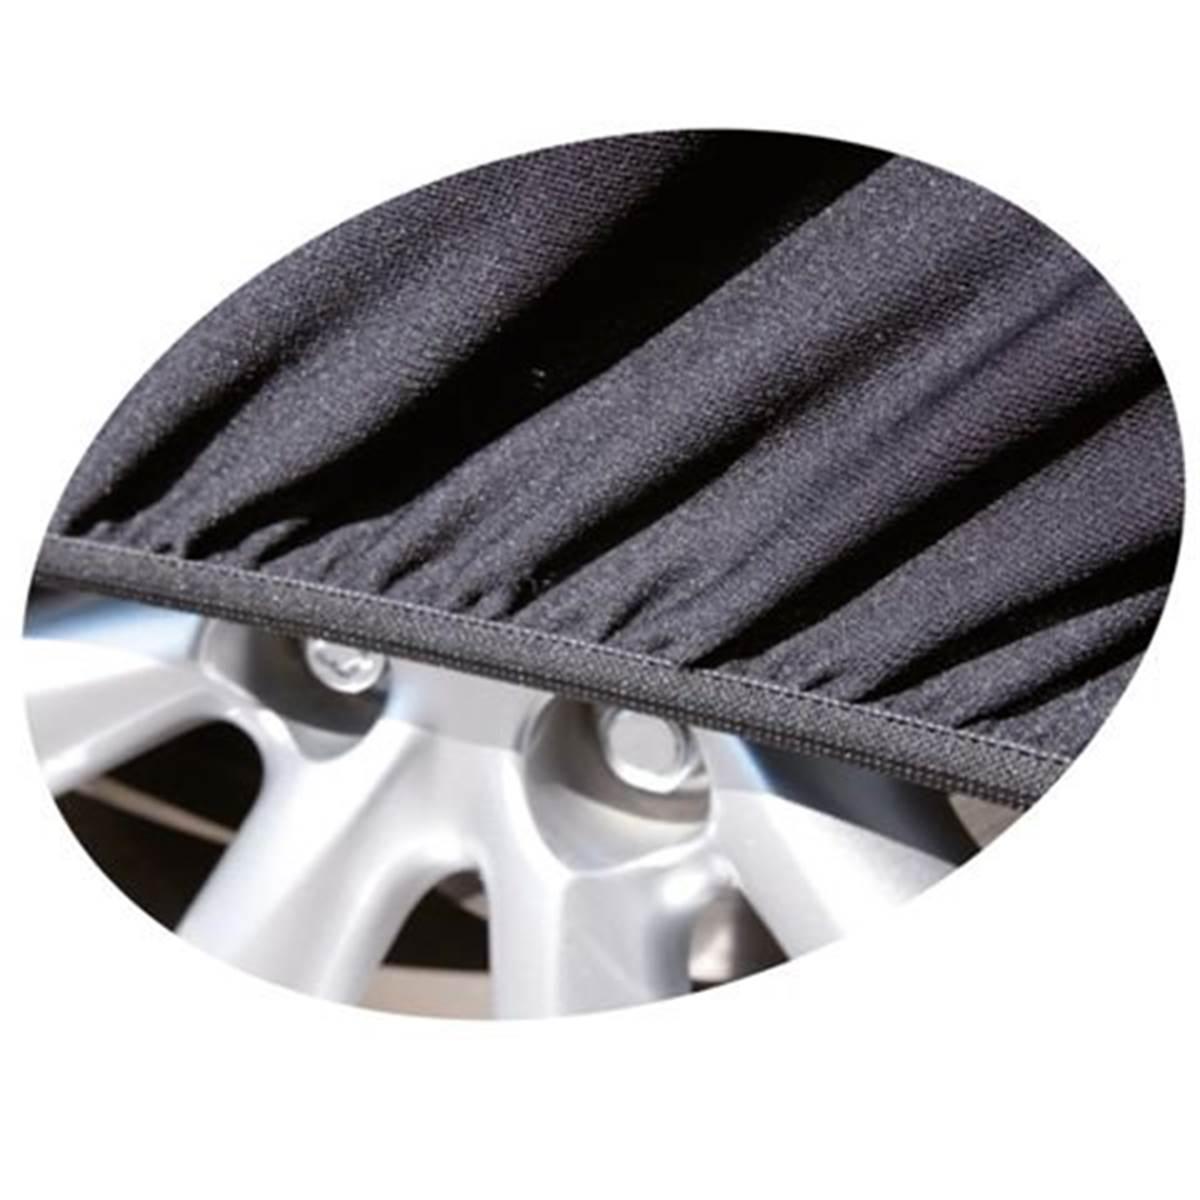 Housse textile haute protection intérieur CUSTOMAGIC taille M